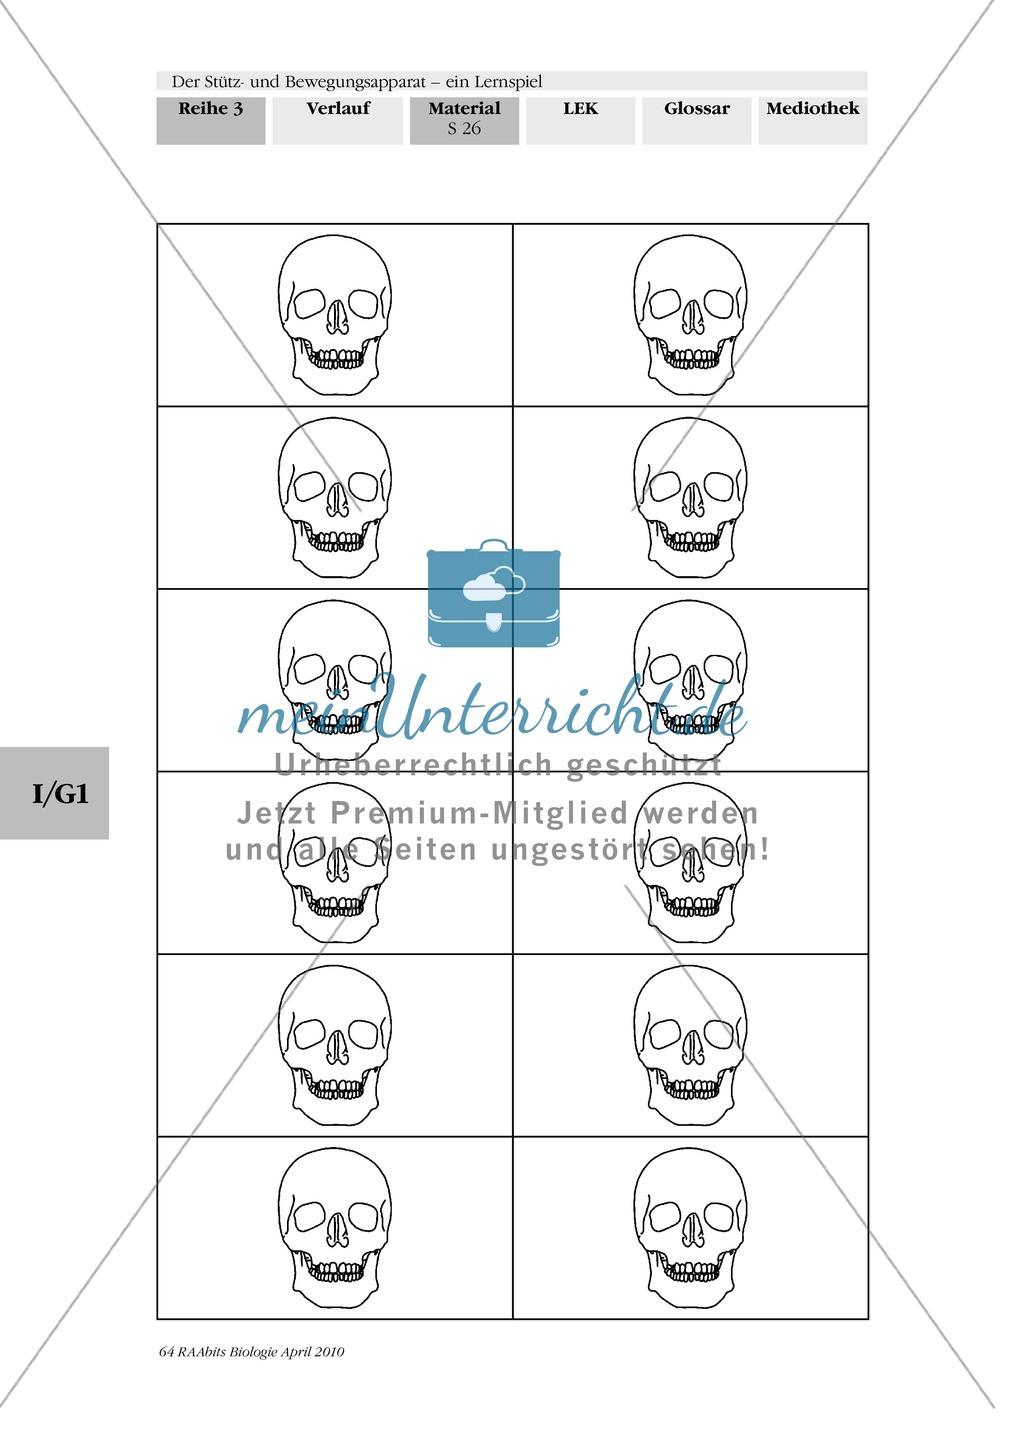 Lernspiel zum Stütz- und Bewegungsapparat: Spielanleitung, Spielfeld, Skelett-Puzzleteile, Fragen, Spielkarten, Röntgenbilder Kontrollbogen, Lösungsbogen Preview 24